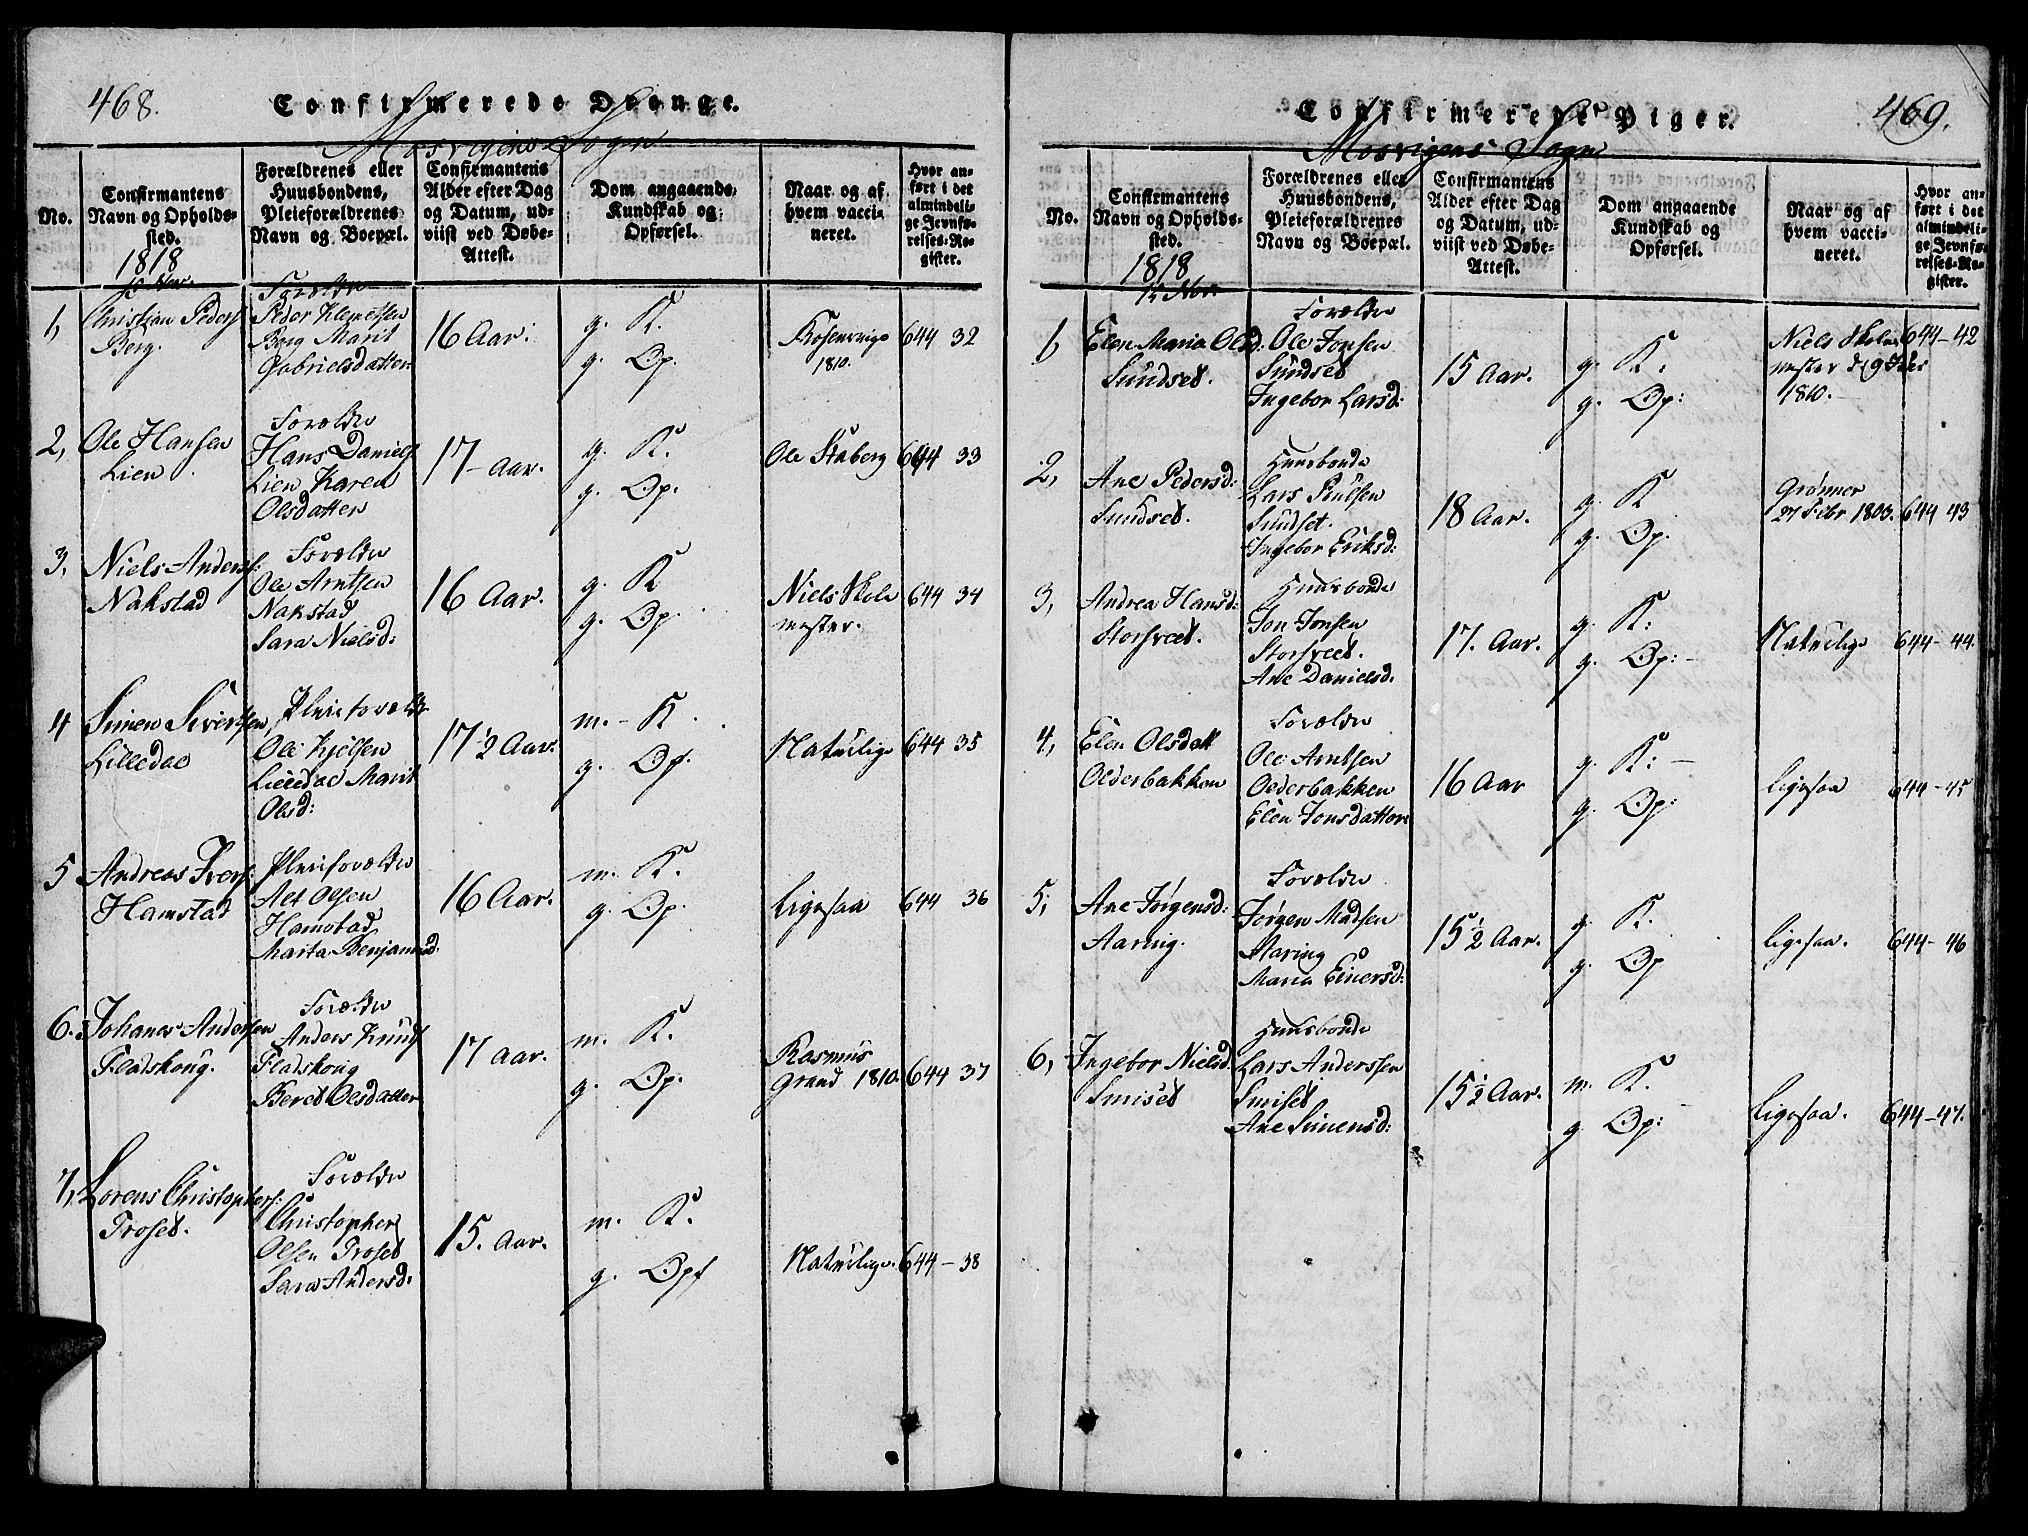 SAT, Ministerialprotokoller, klokkerbøker og fødselsregistre - Nord-Trøndelag, 733/L0322: Ministerialbok nr. 733A01, 1817-1842, s. 468-469